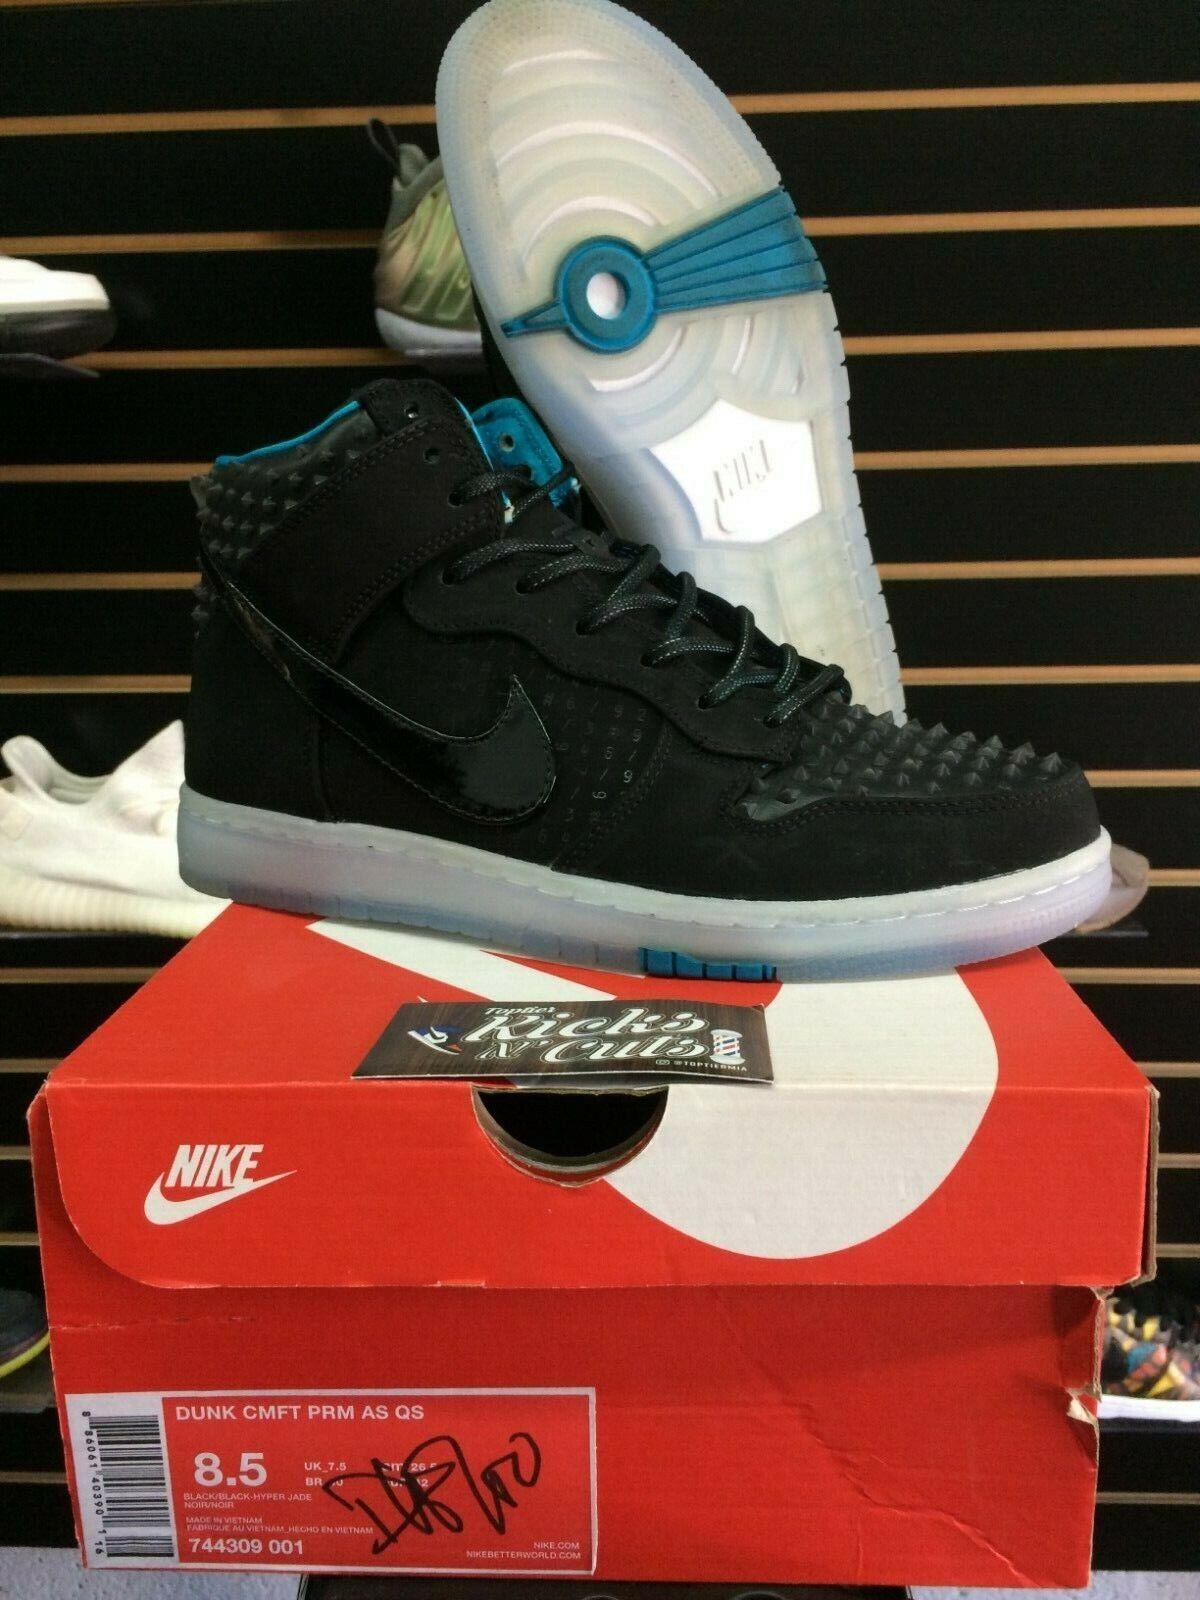 Nike Sb dunks CMFT all-stars sz 8.5 black hornet hyper jade sheep premium blazer